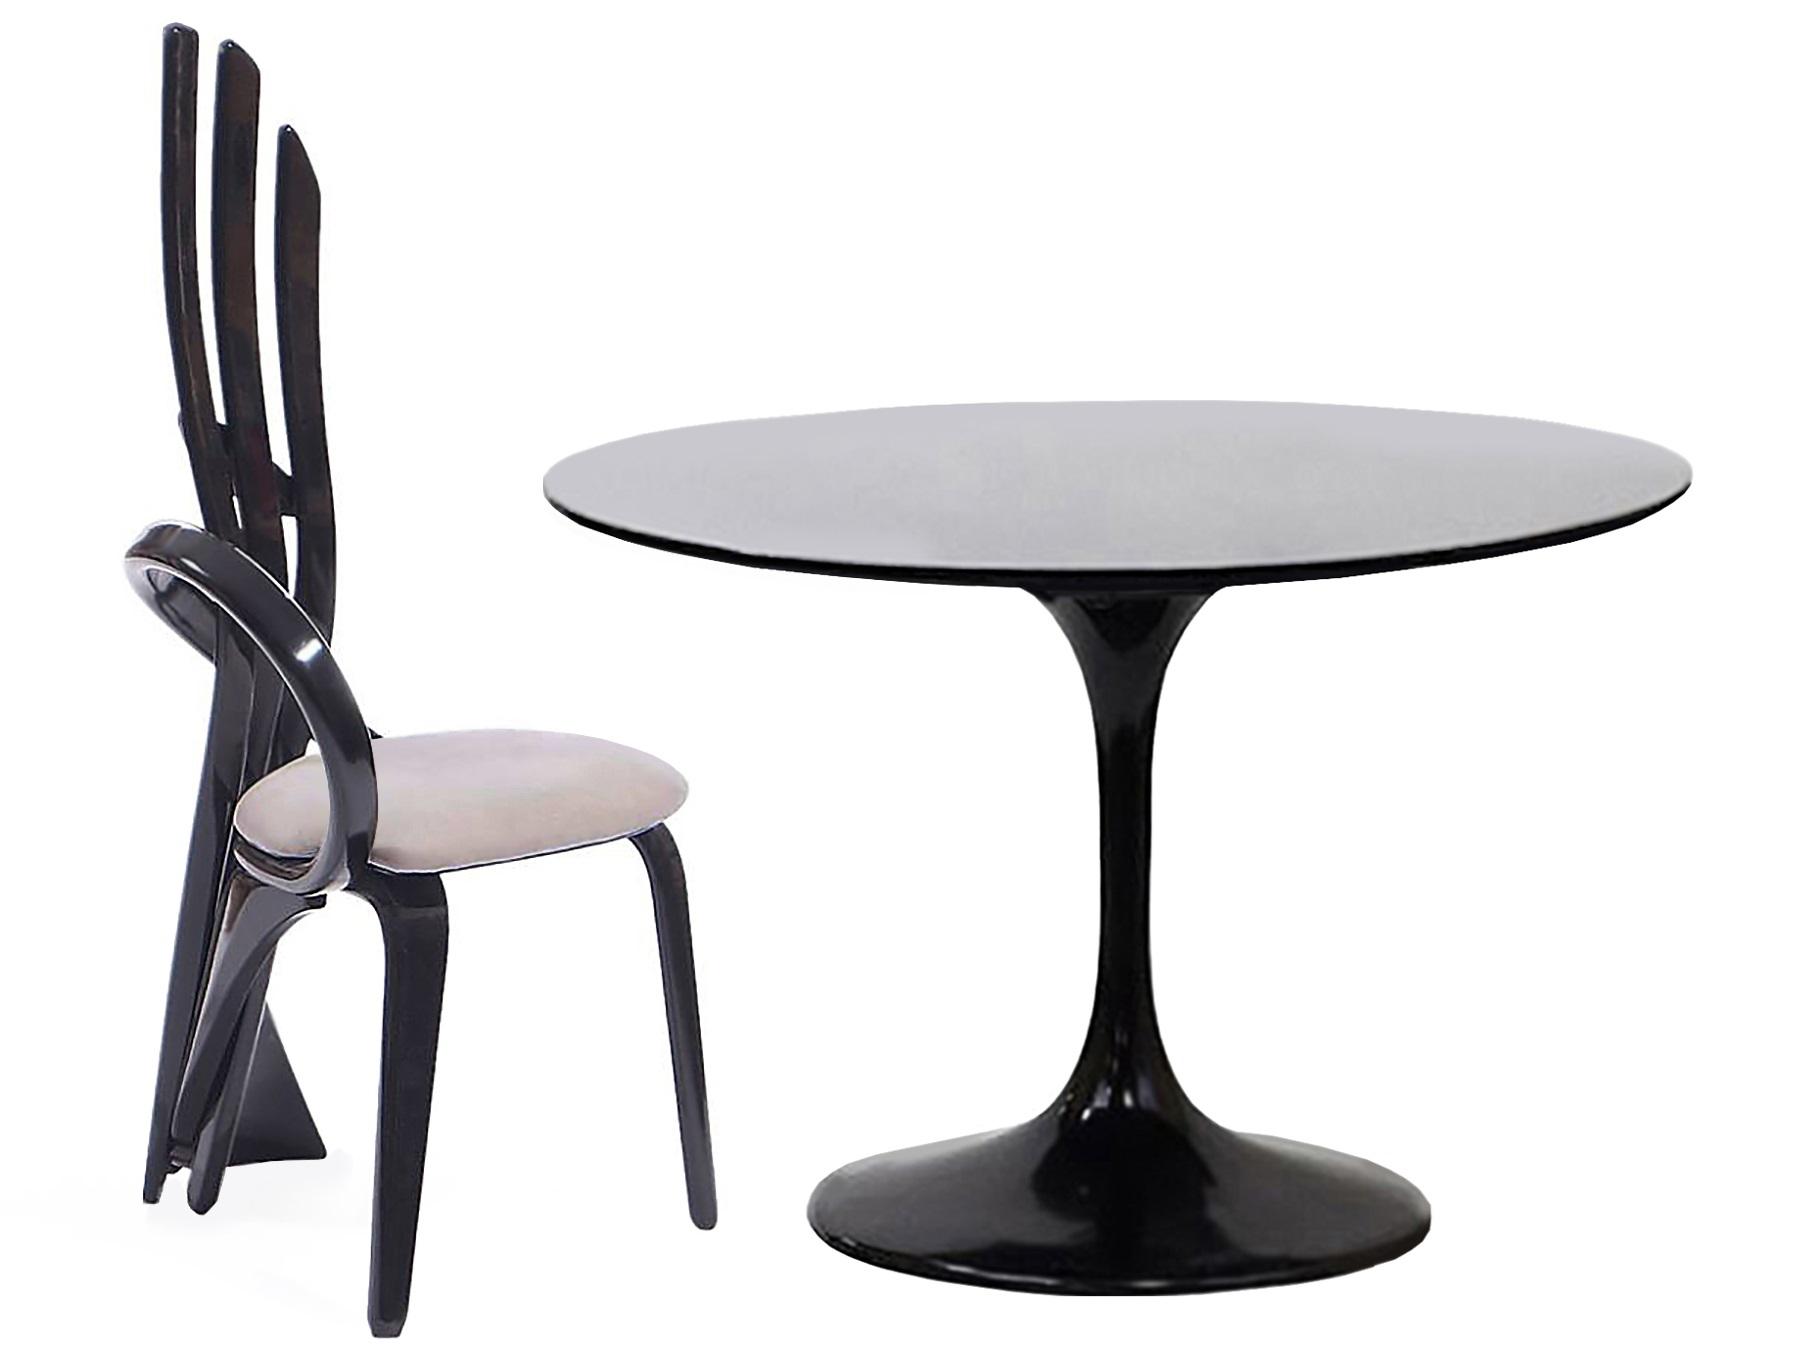 Обеденная группа Apriori TКомплекты для столовой<br>Обеденный круглый стол с лаконичным основанием из акрилового камня. <br>Стол в комплекте со стульями серии  Бразо М. Такой яркий деревянный стул будет актуален для современного интерьера или стиля лофт. Он отлично подойдёт для дома, лоджии, сада, а также для кафе и баров.Размеры стола : 90/77 см.&amp;nbsp;Материал стола: акриловый камень&amp;nbsp;Размеры стула: 57х52х114см.&amp;nbsp;Материал стула: массив березы.&amp;nbsp;<br><br>kit: None<br>gender: None